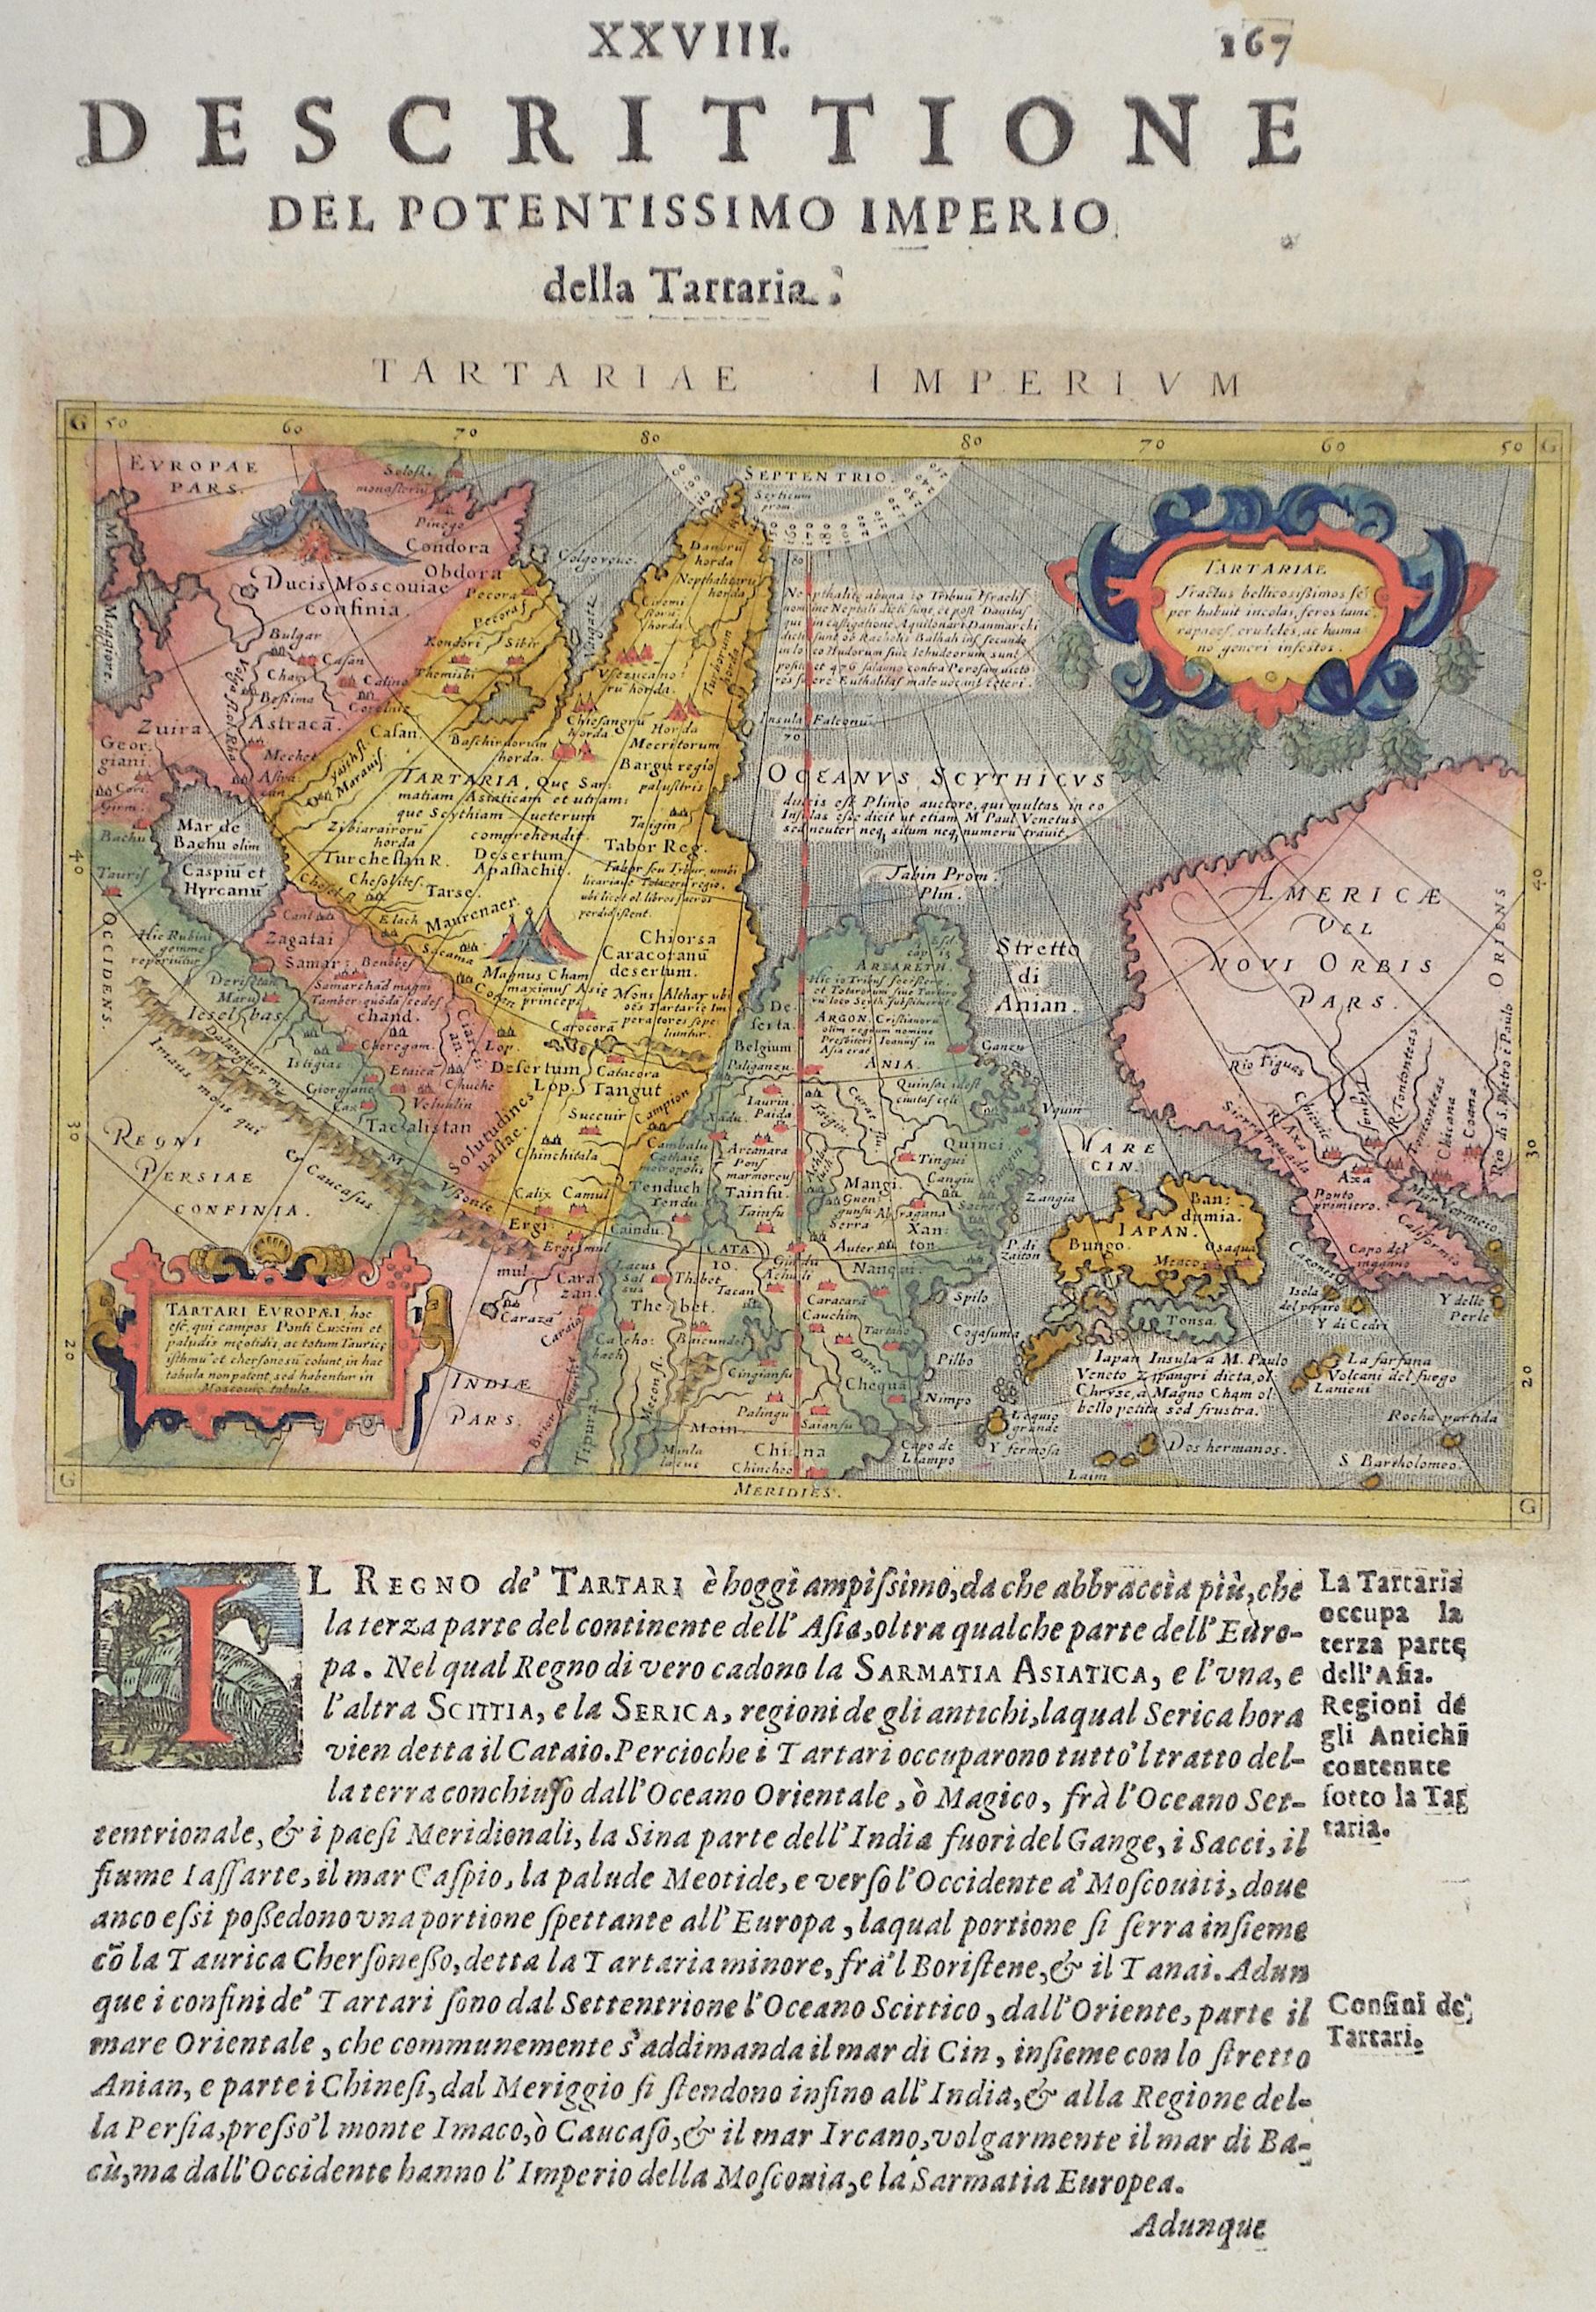 Porro Girolamo XXVIII. Descrittione del Potentissimo Imperio della Tartaria.